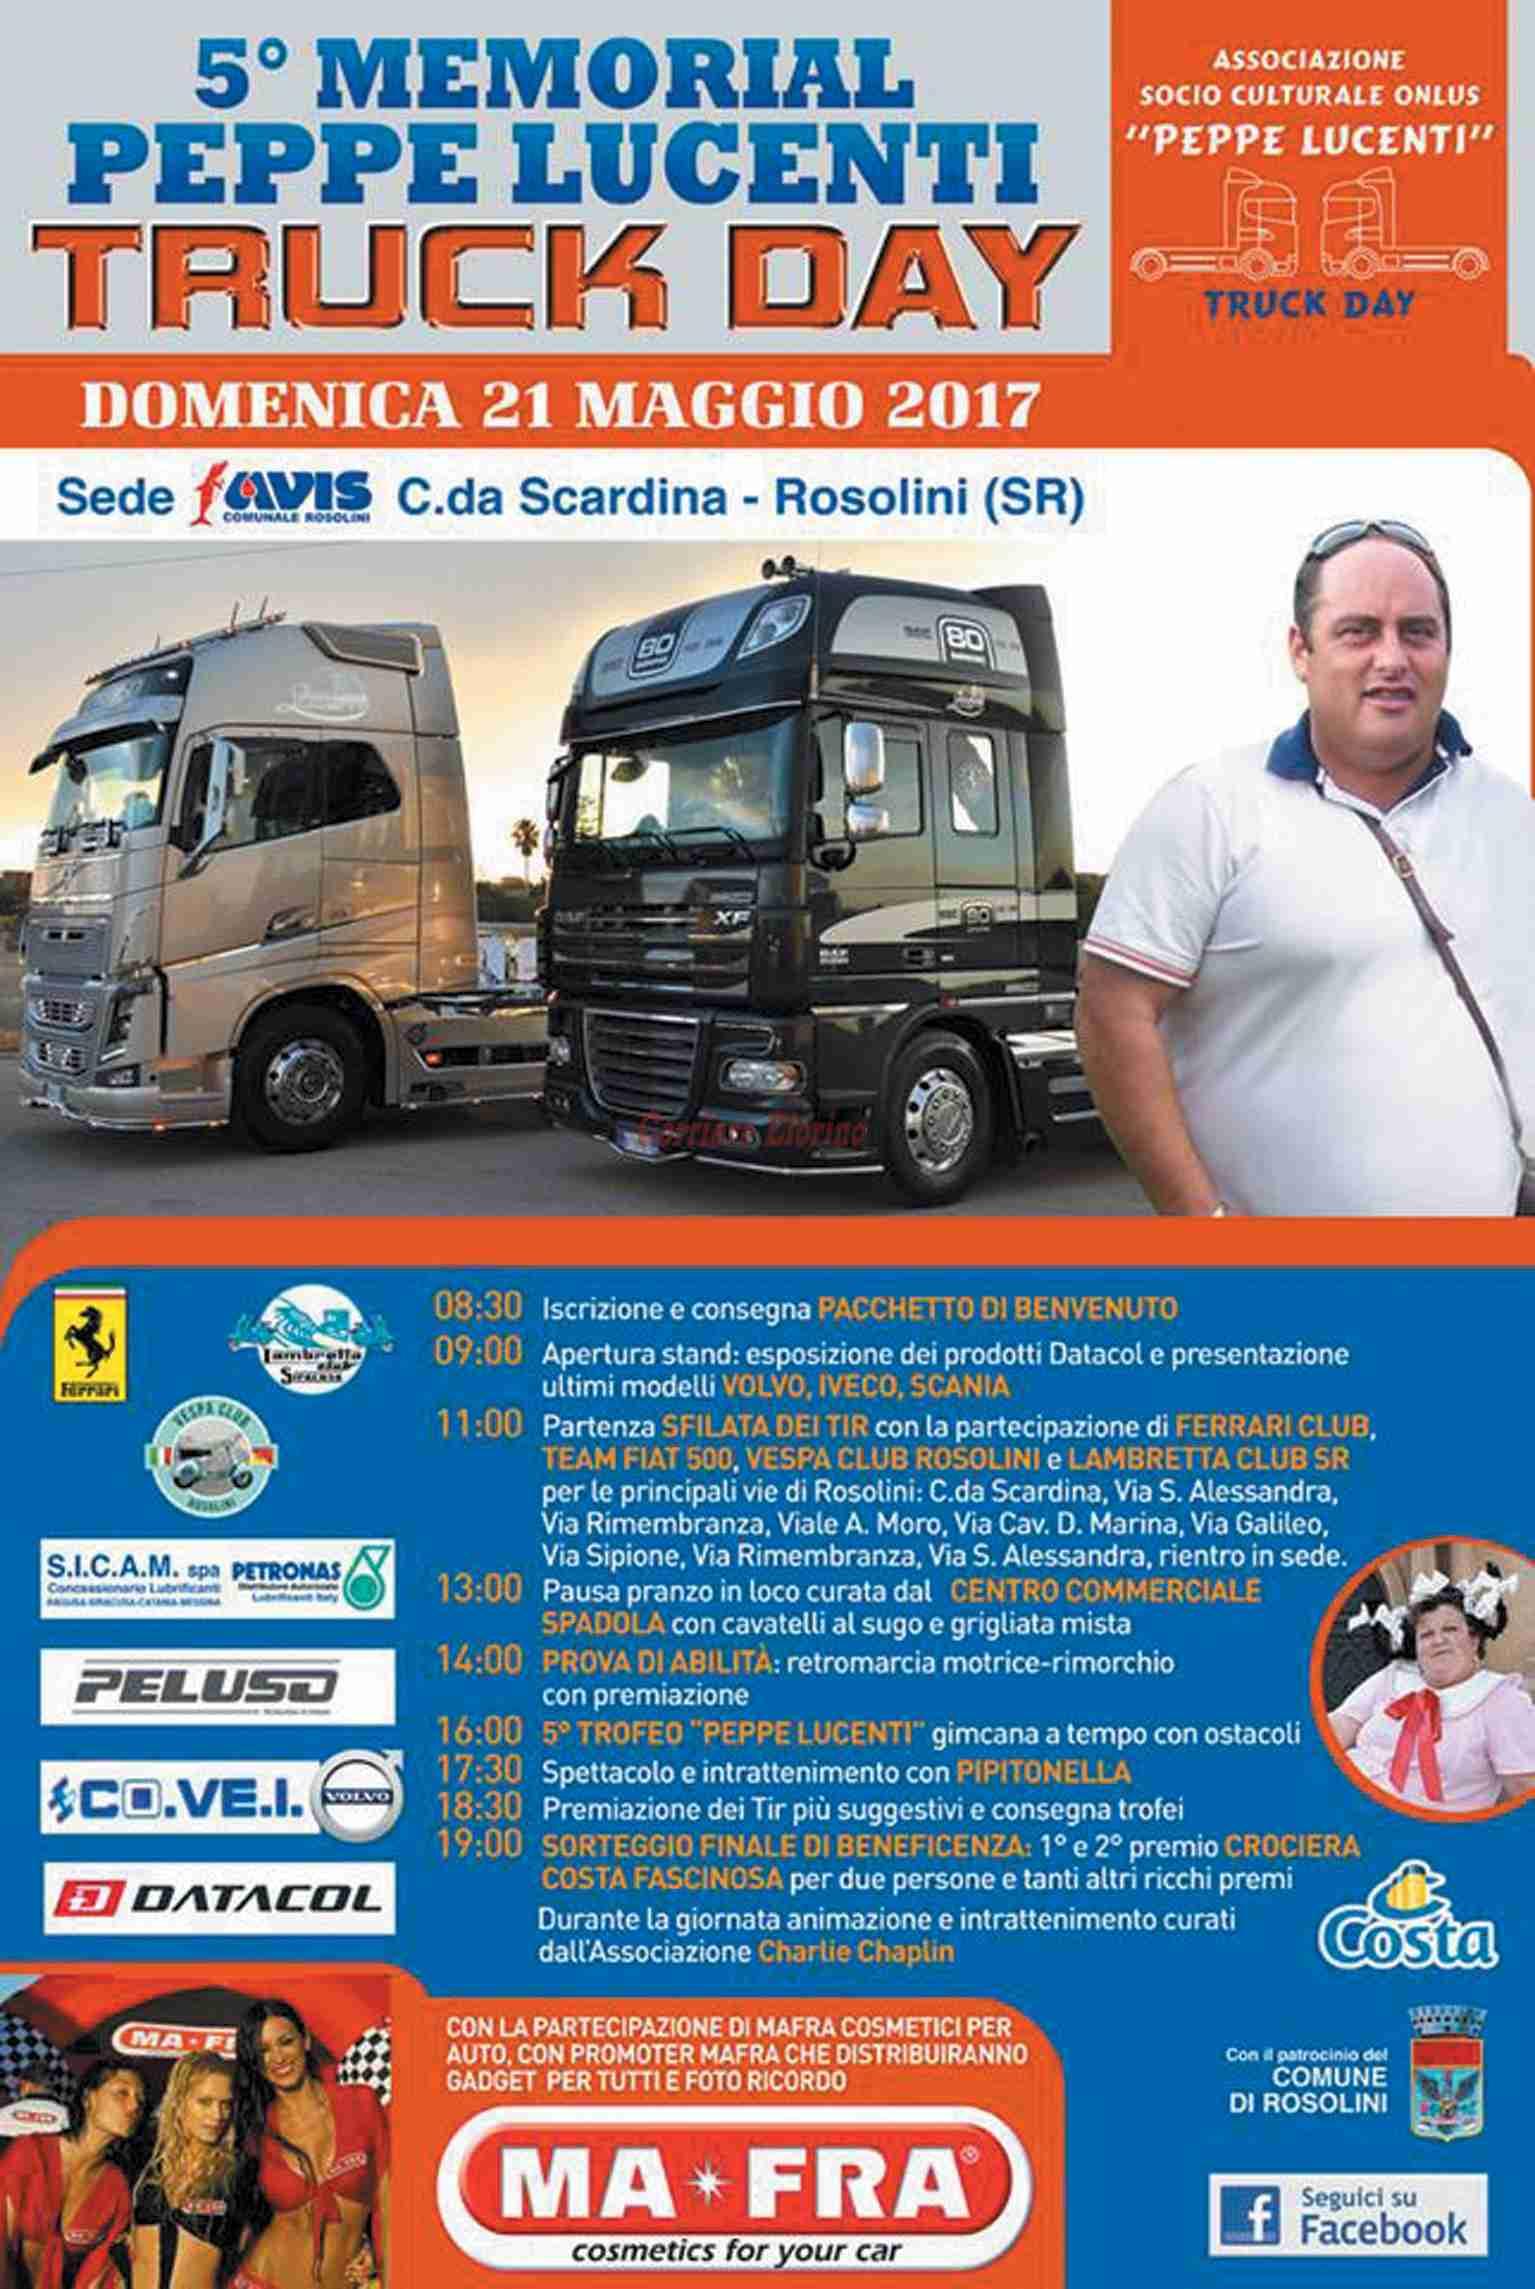 """Domenica 21 maggio ritorna il """"Truck Day"""" in ricordo di Peppe Lucenti"""